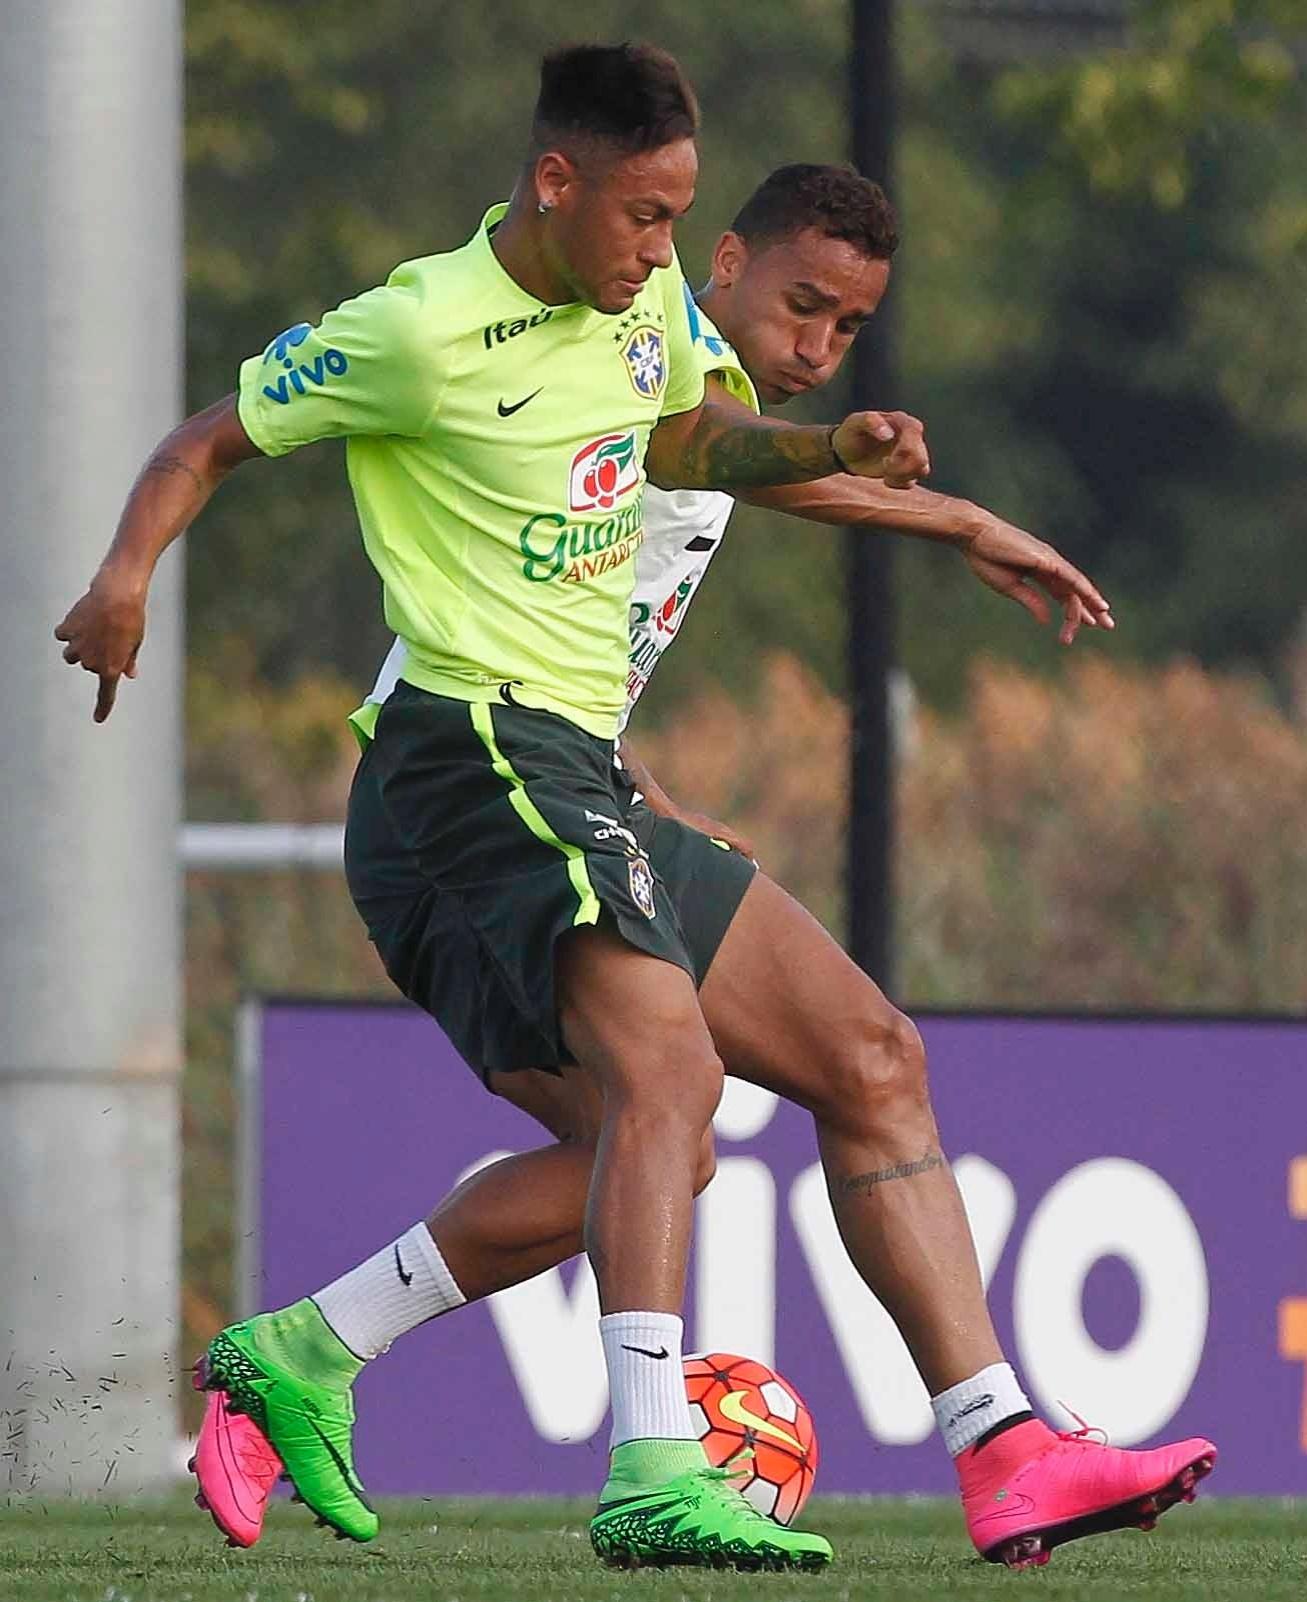 Neymar disputa bola com Danilo em treino da seleção brasileira